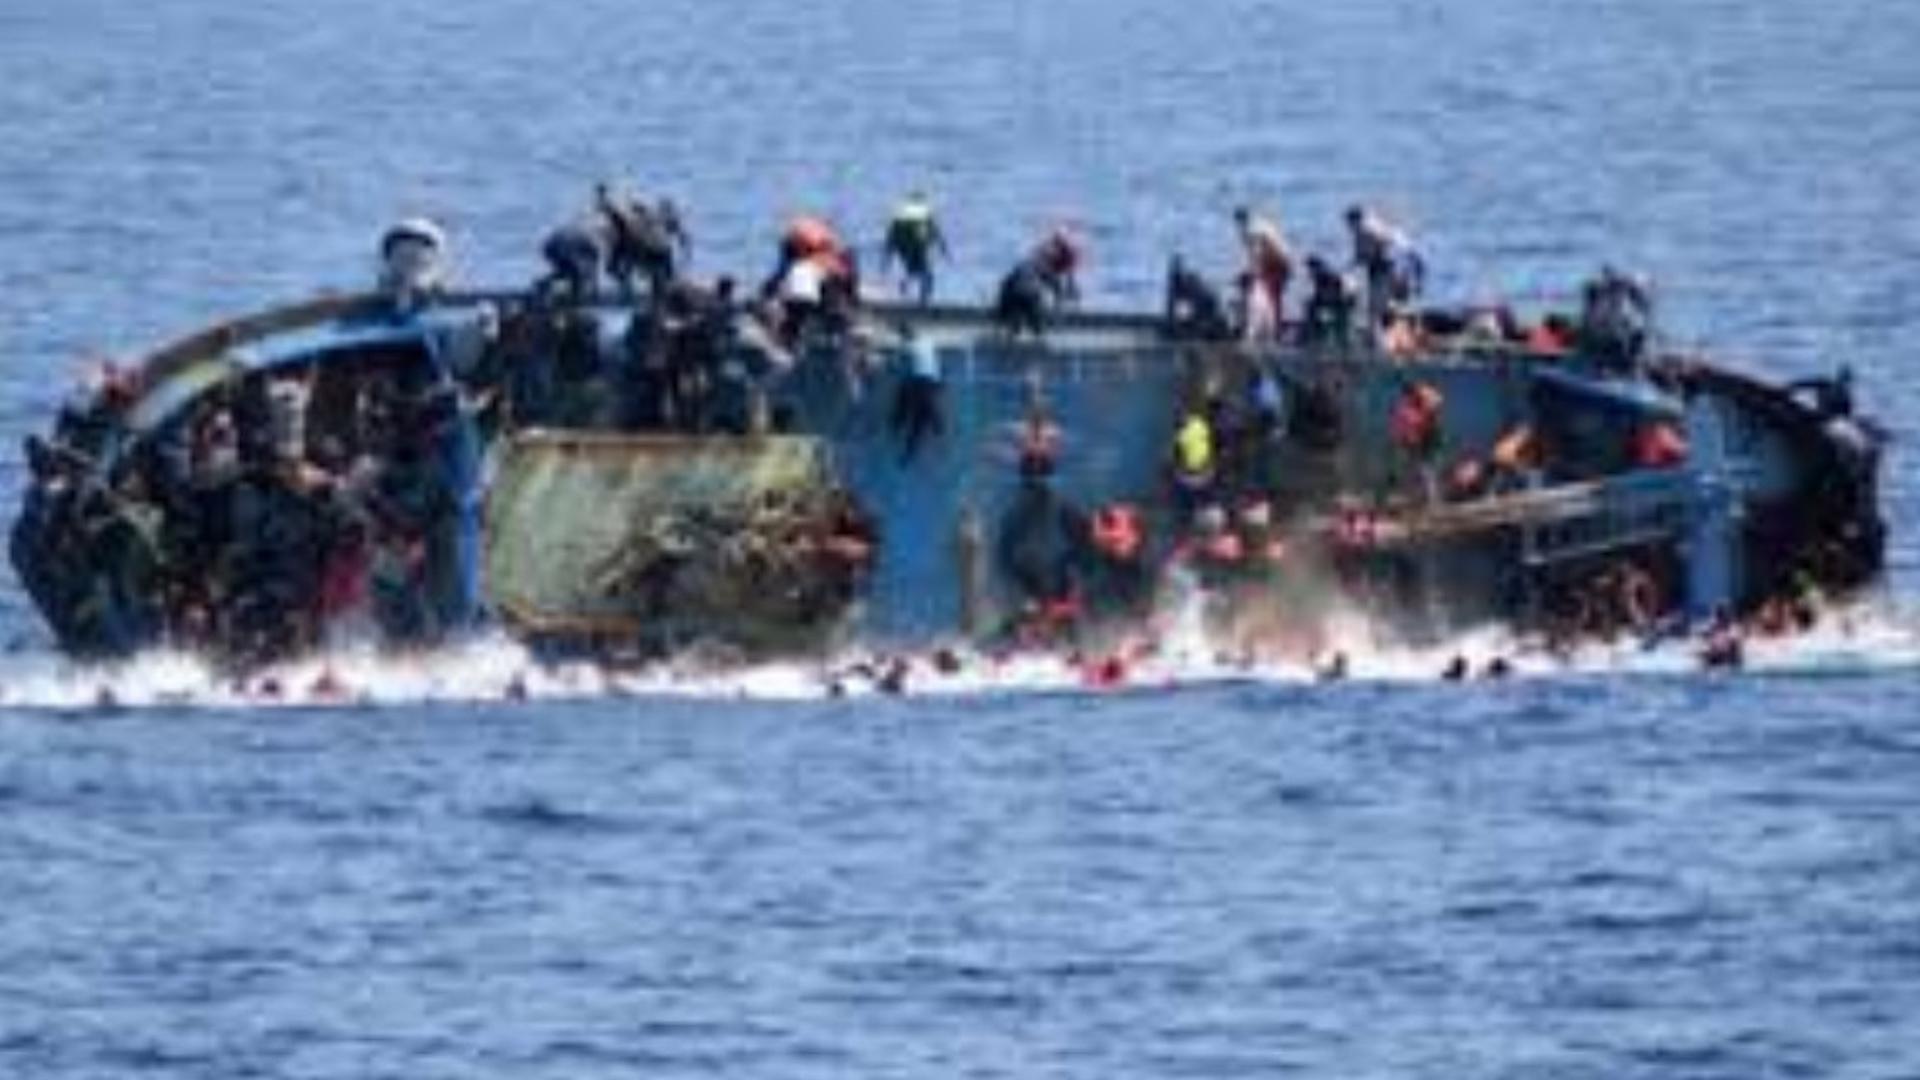 Photo of Li Yûnanistanê keştî noqî avê bû 12 penaber xeniqîn 21 kes jî hatin rizgakirin